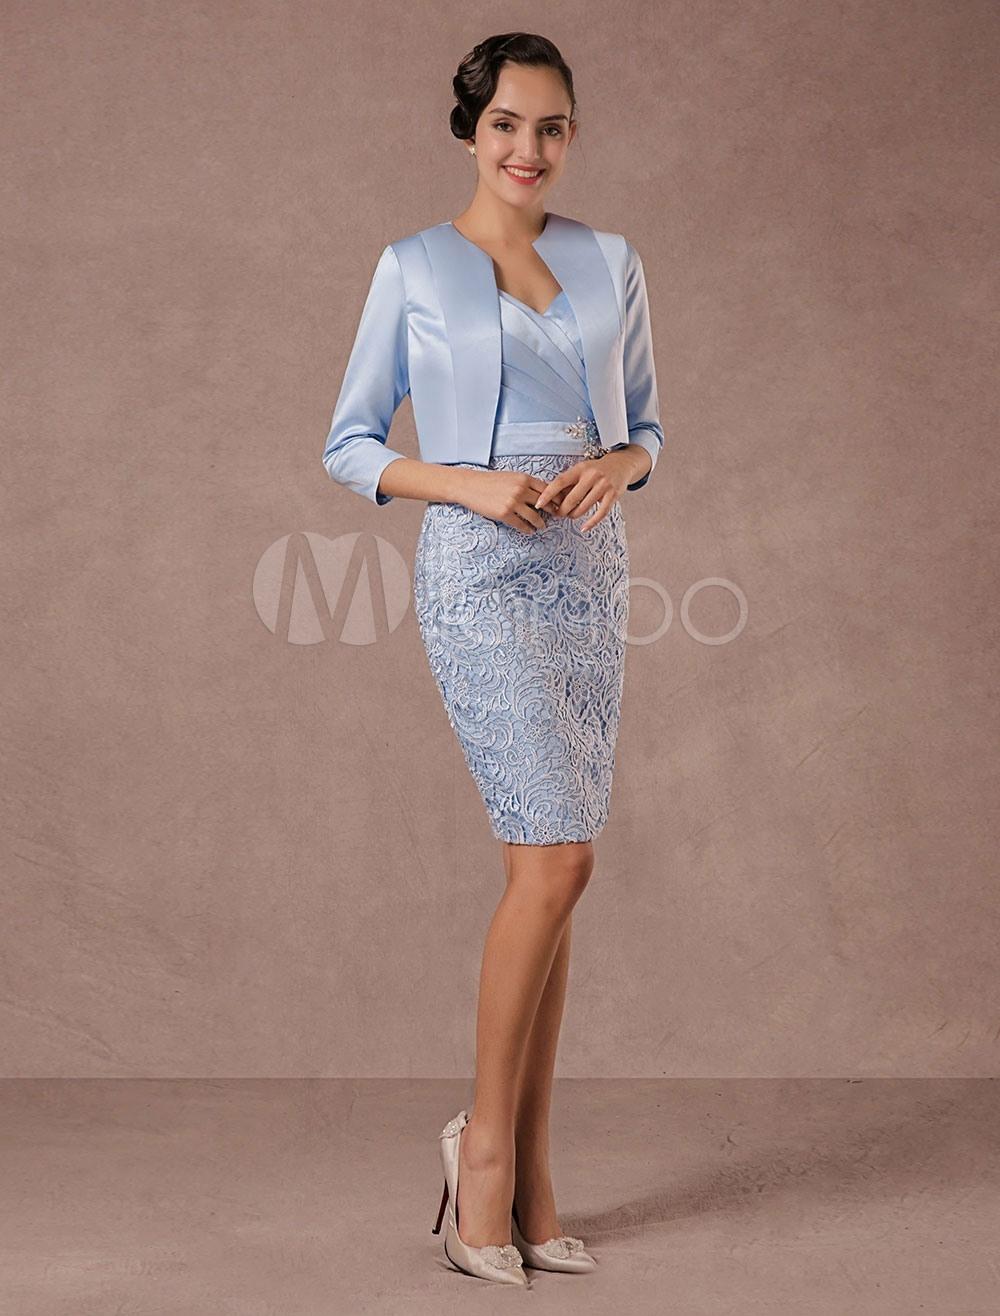 Erstaunlich Festtagskleider Damen Galerie20 Spektakulär Festtagskleider Damen Design